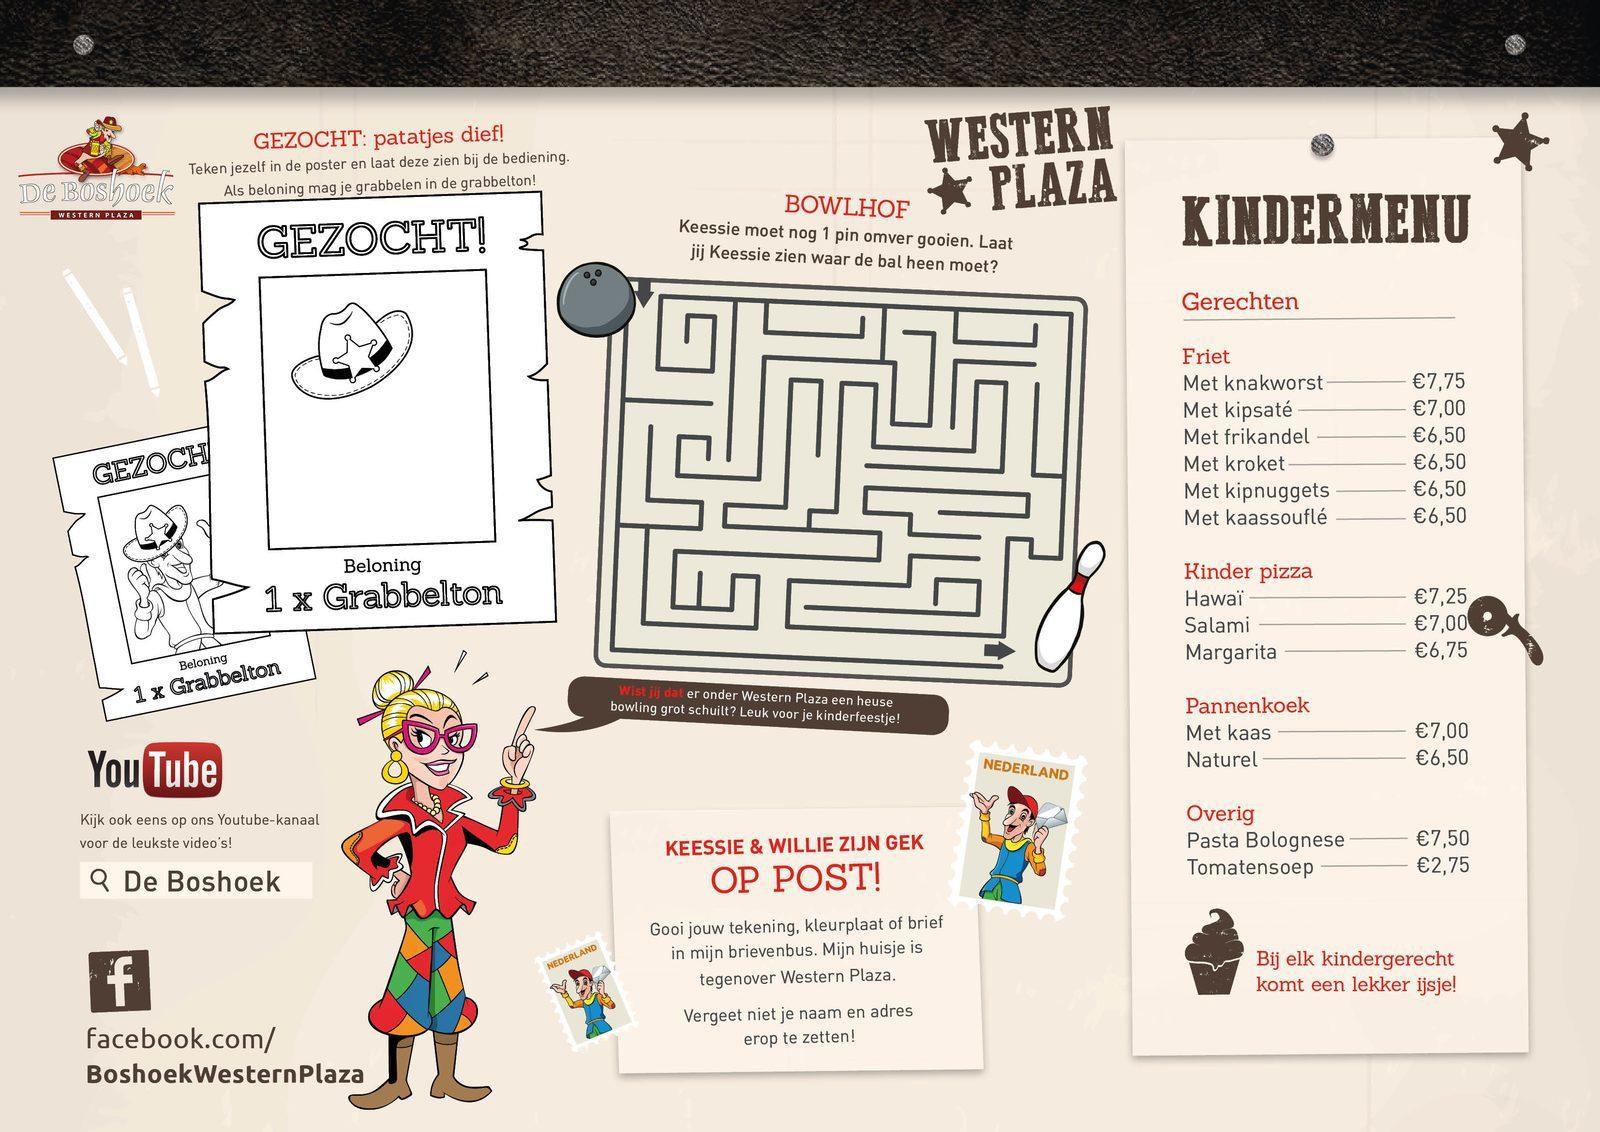 Kinder menukaart Western Plaza op Recreatiepark De Boshoek